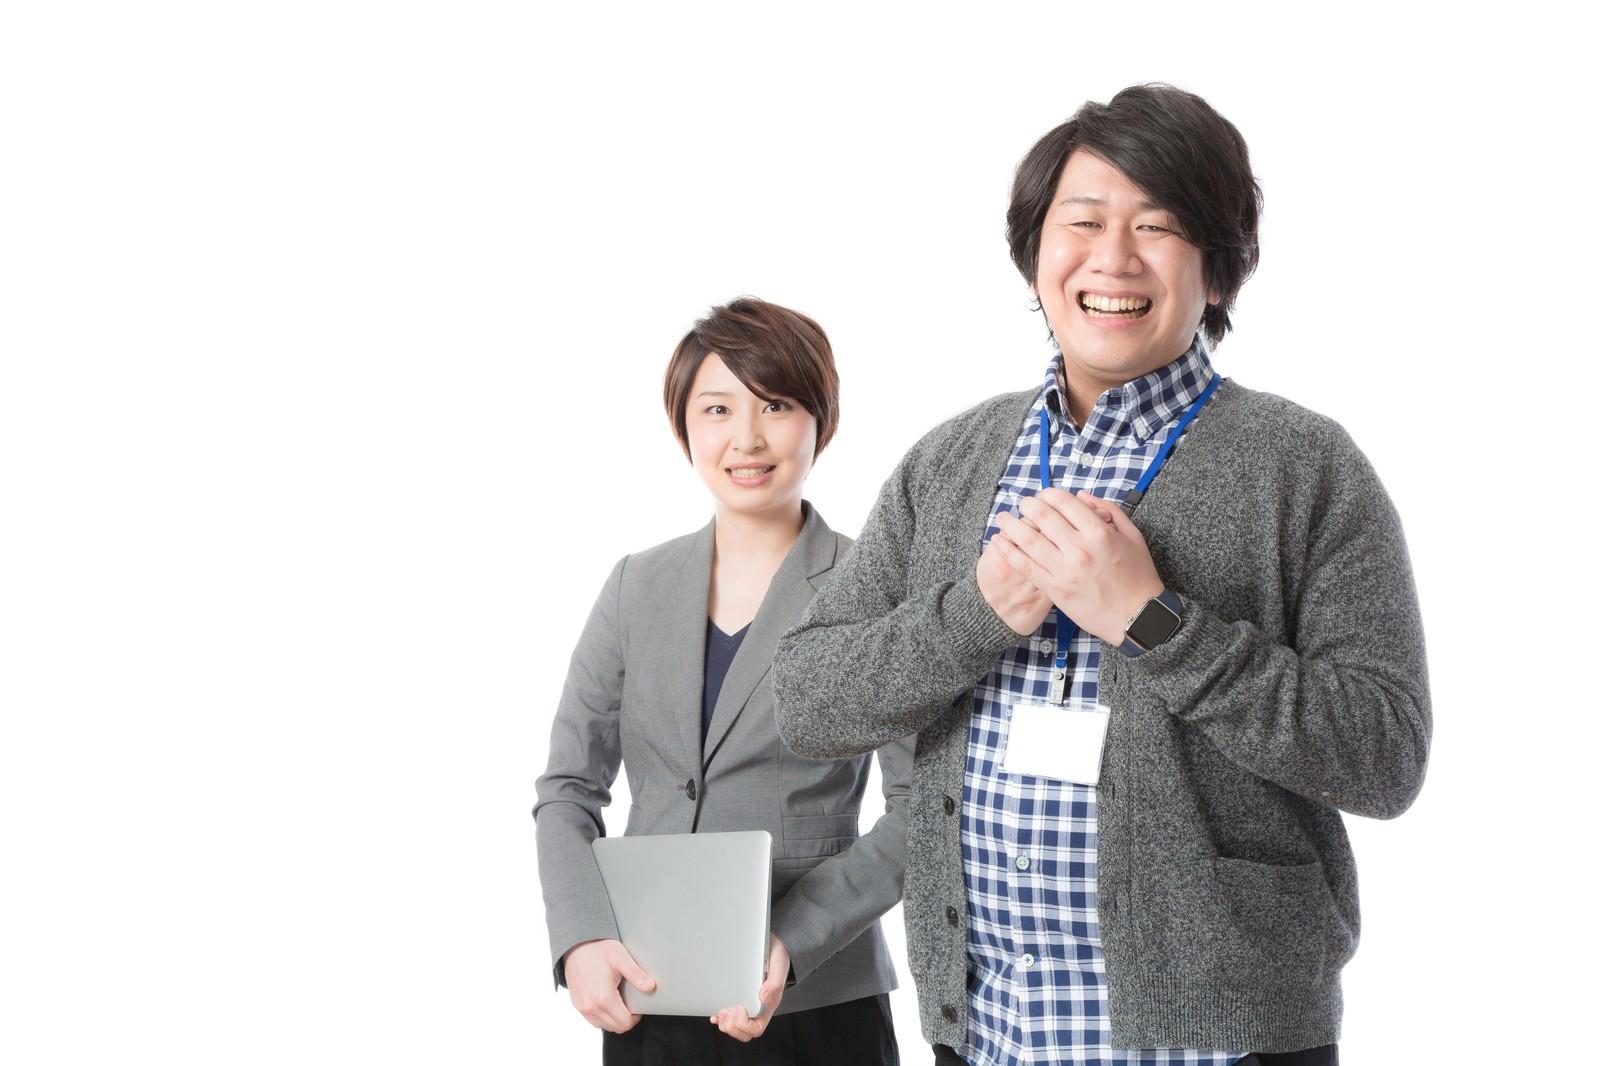 【ProEngineer】 就職率は96.2%の正社員プログラマーを目指す方向けの転職支援